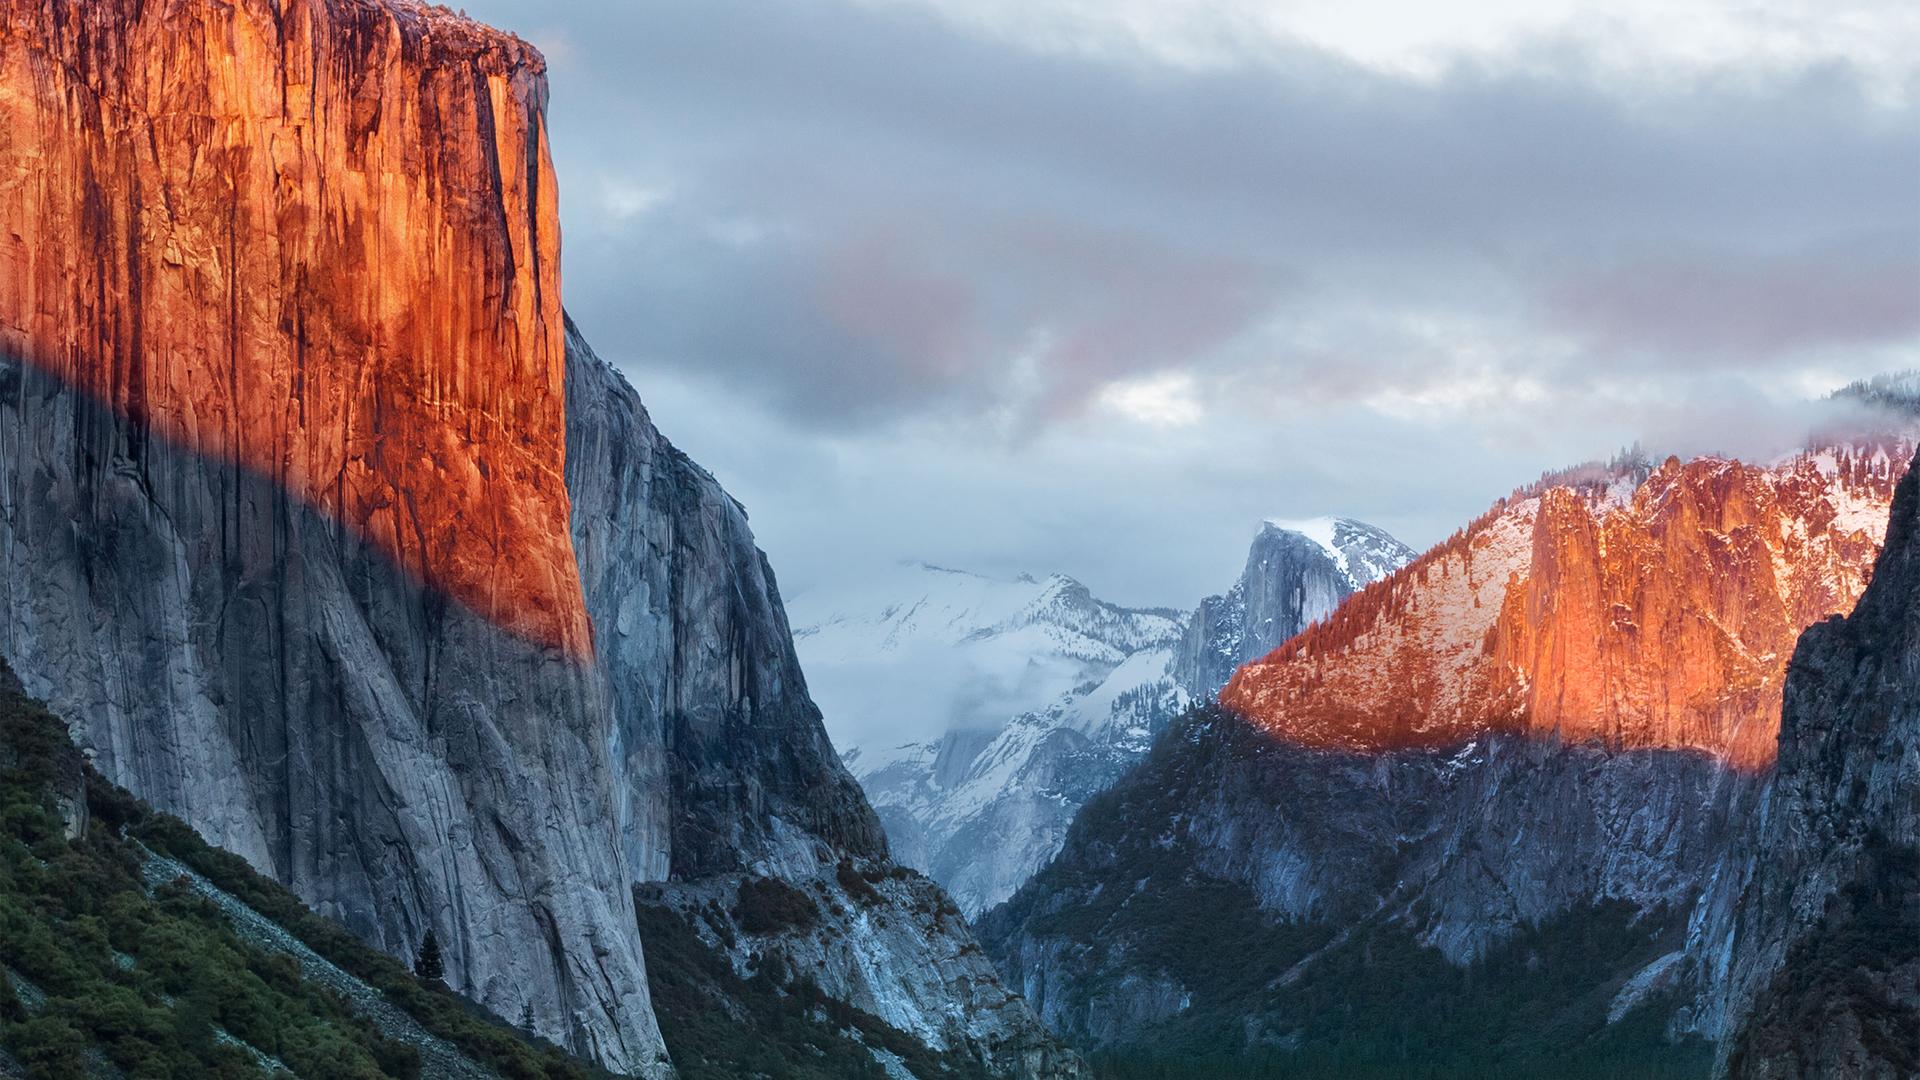 Official Os X El Capitan Wallpapers For Iphone Ipad Mac